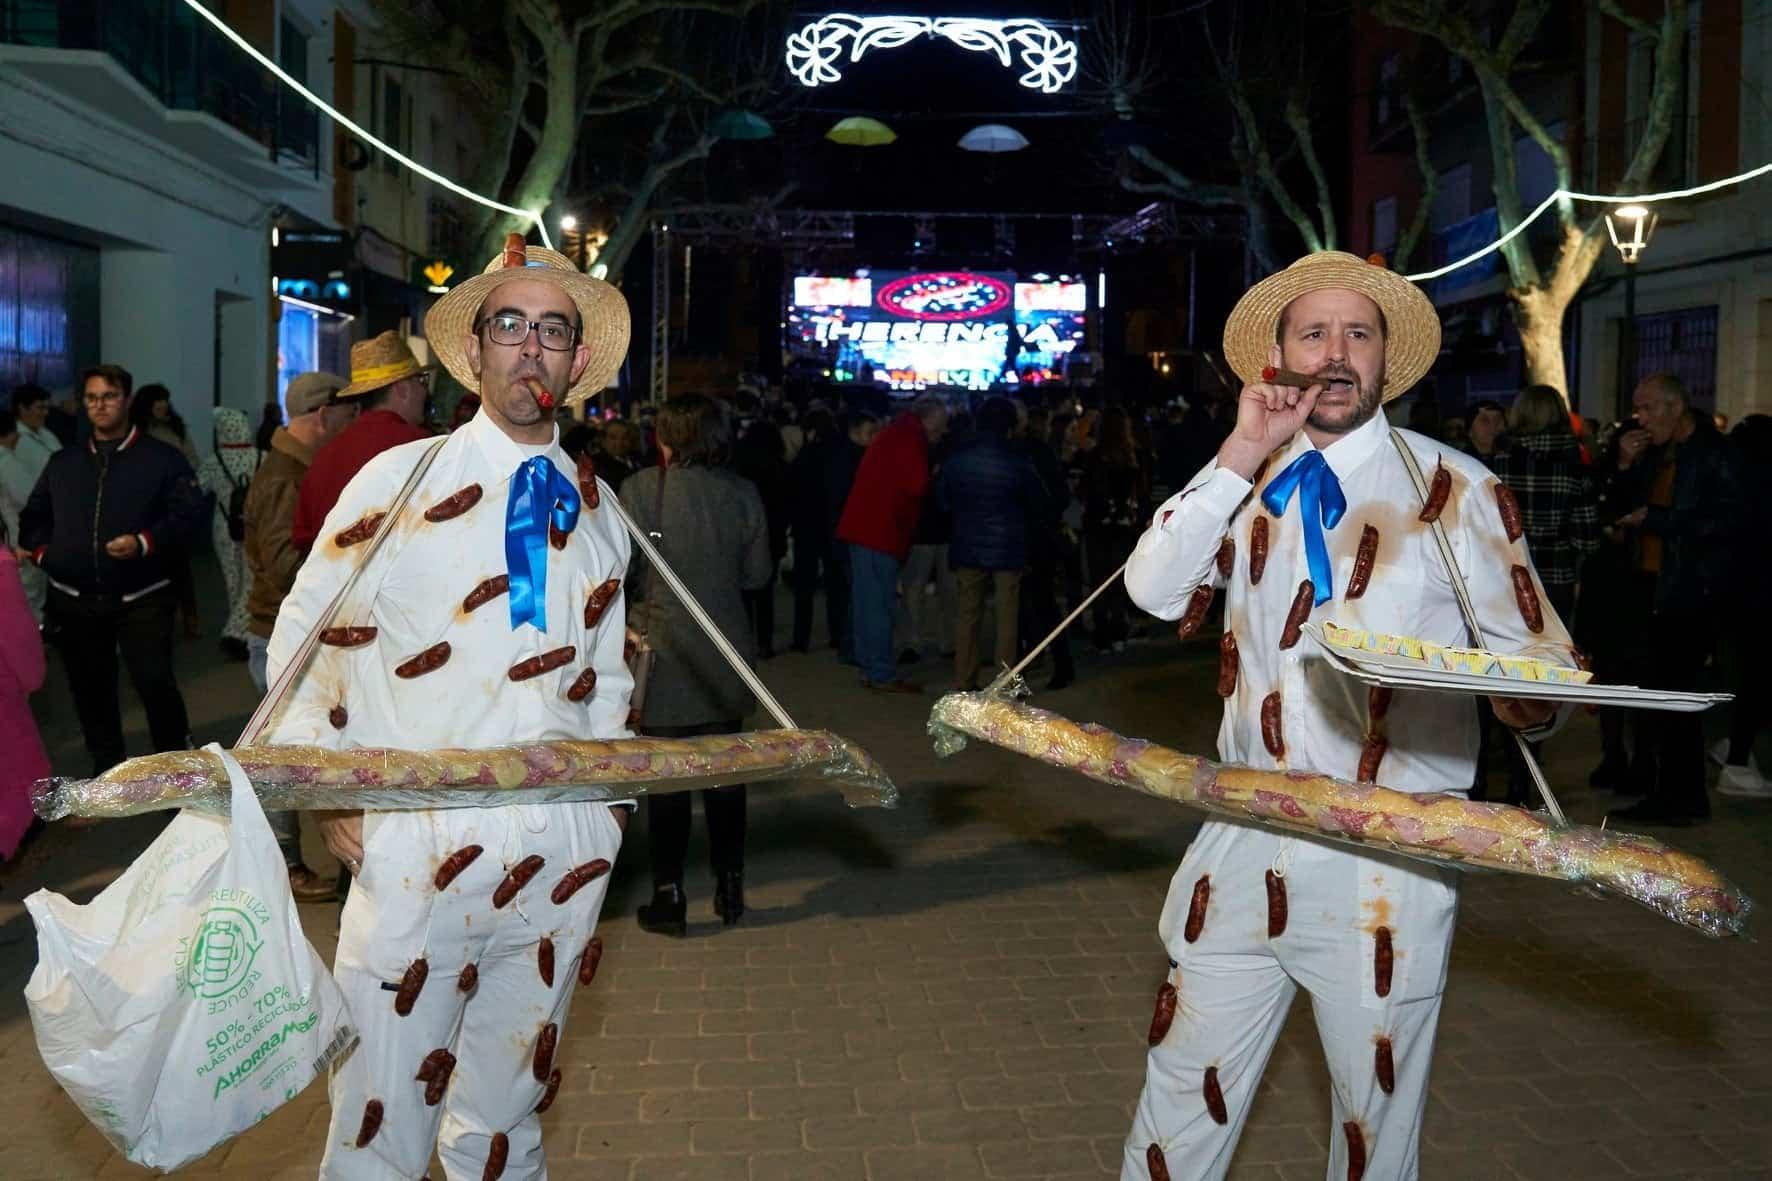 Carnaval herencia 2020 sabado ansiosos 3 - Fotografías del Sábado de los Ansiosos del Carnaval de Herencia 2020